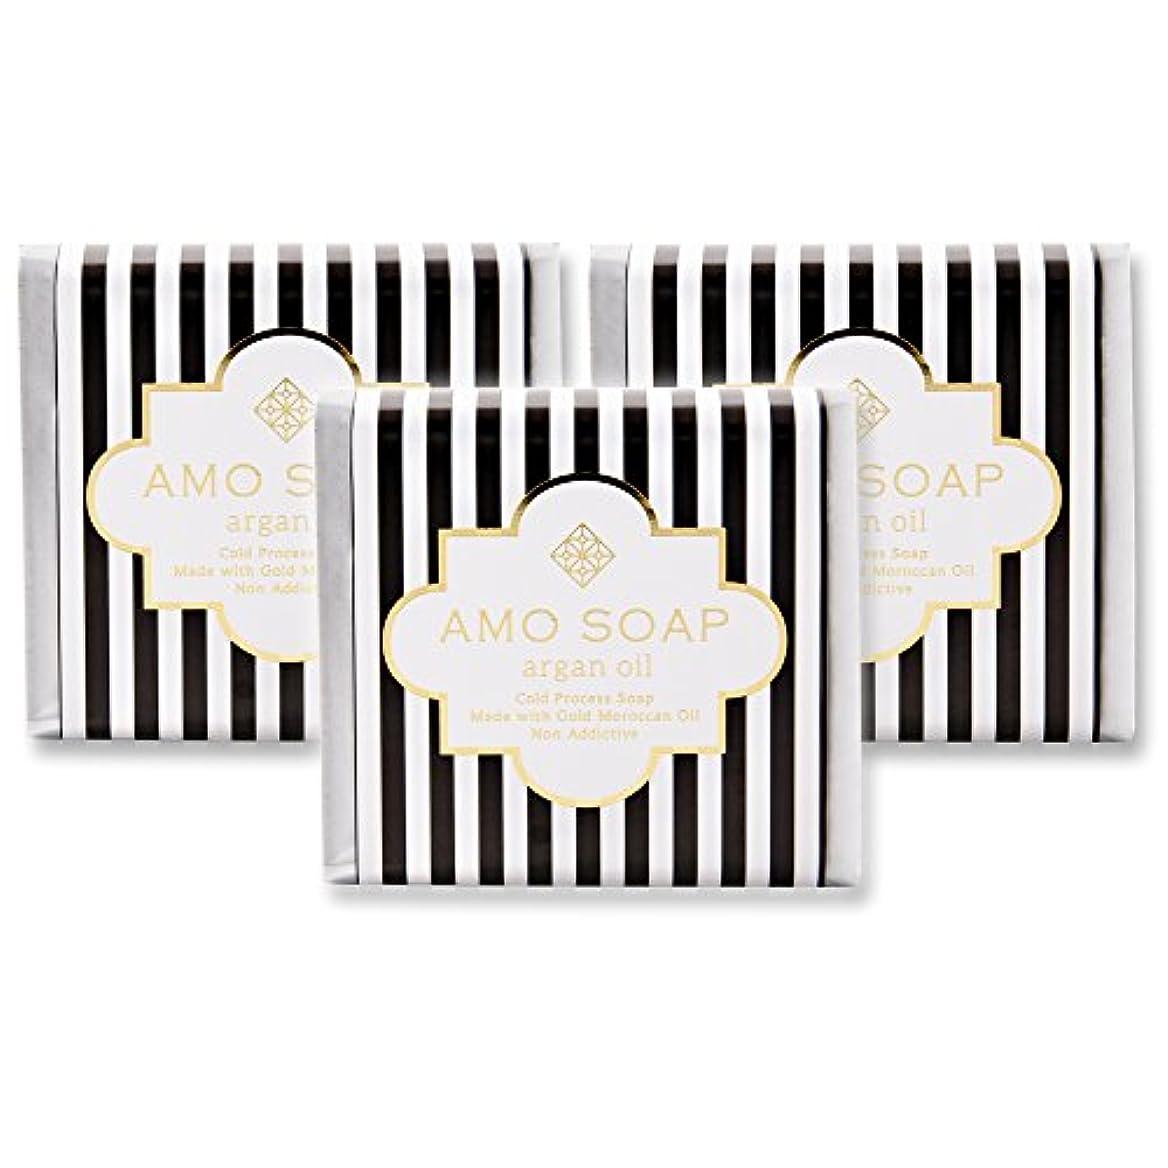 自明慢あいさつAMO SOAP(アモソープ) 洗顔せっけんアルガンオイル配合 3個 コールドプロセス製法 日本製 エイジングケア オリーブオイル シアバター